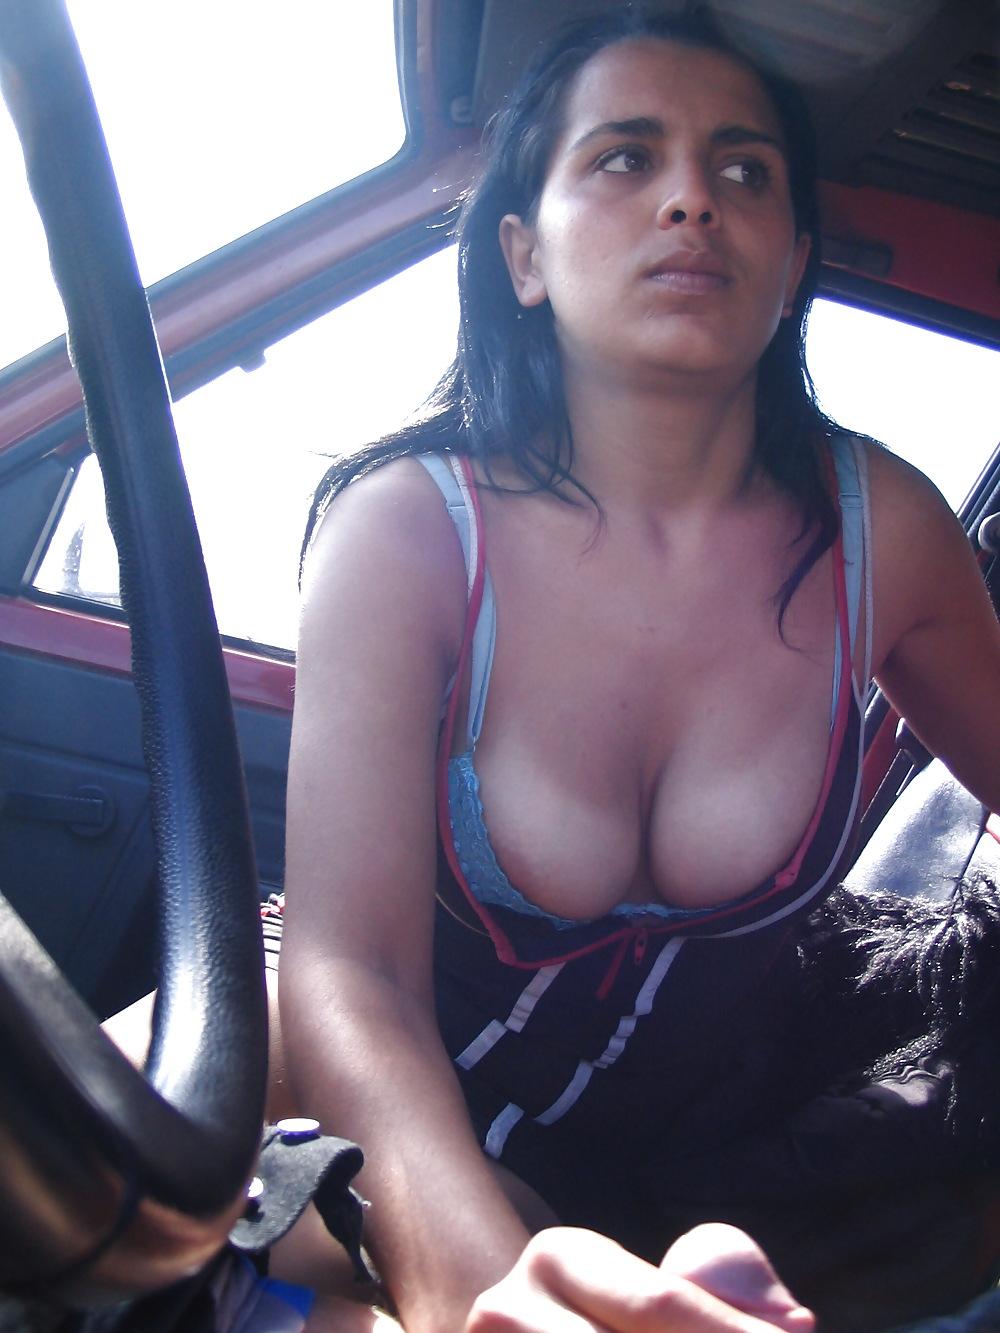 Real Street Hooker Prostitute Carwhore P2 - 23 Bilder -3488